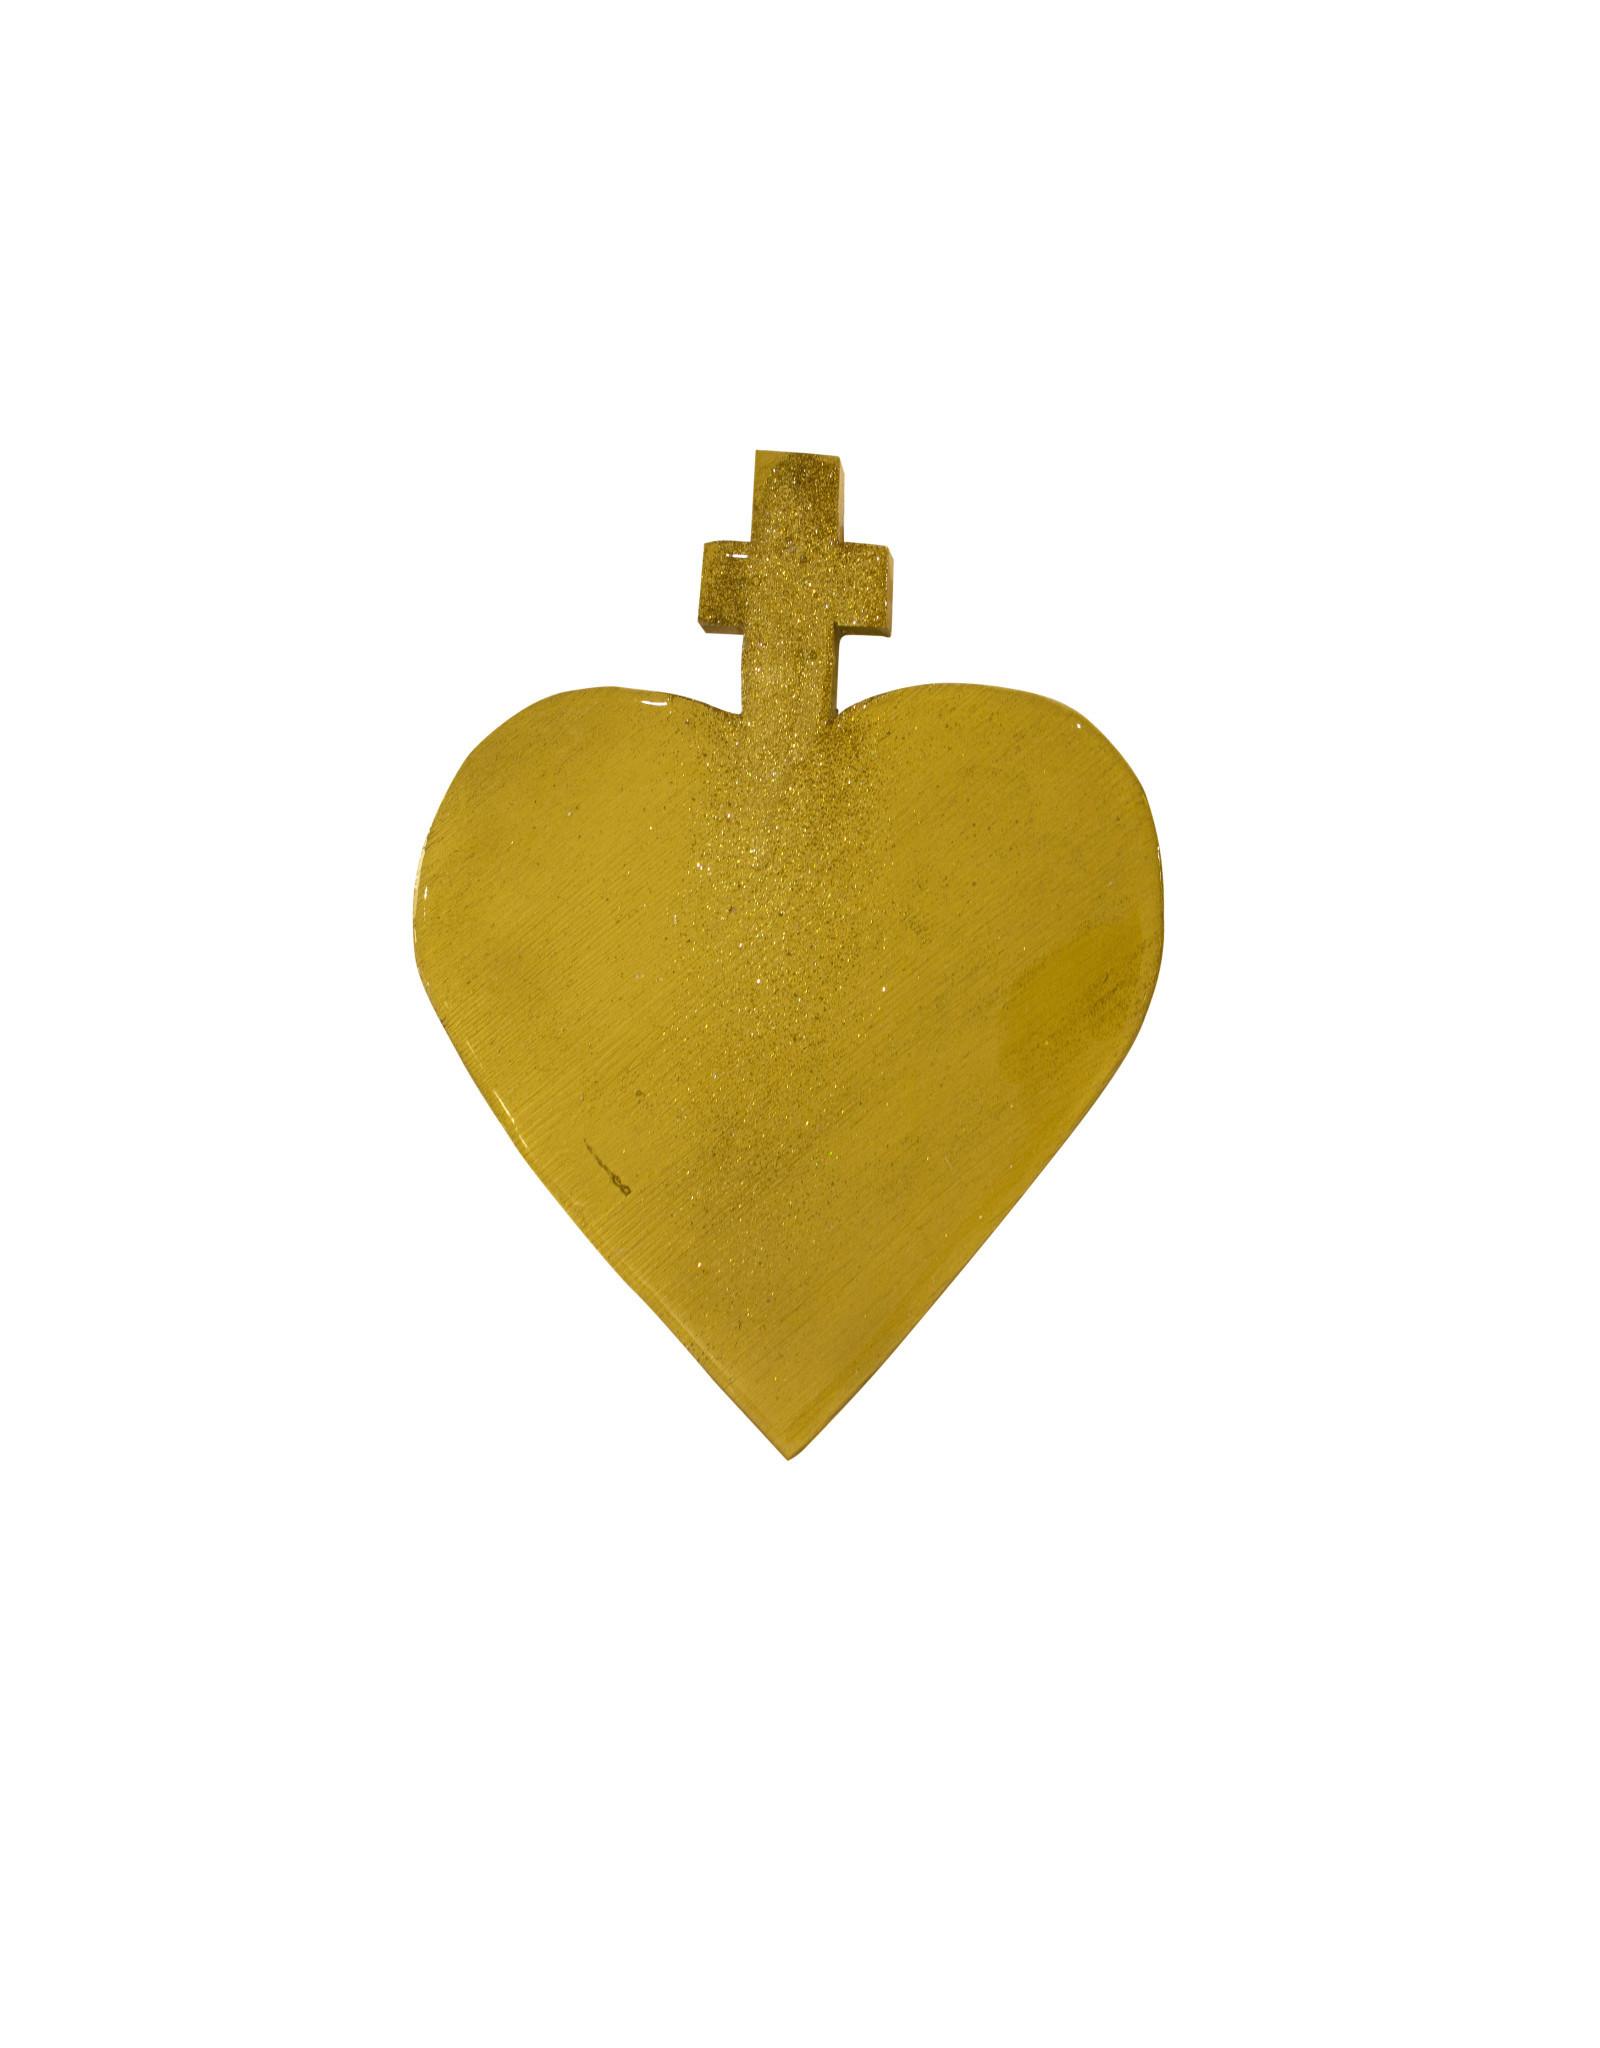 Entouquet Gold Glitter Streak Gold Medium Cross Heart